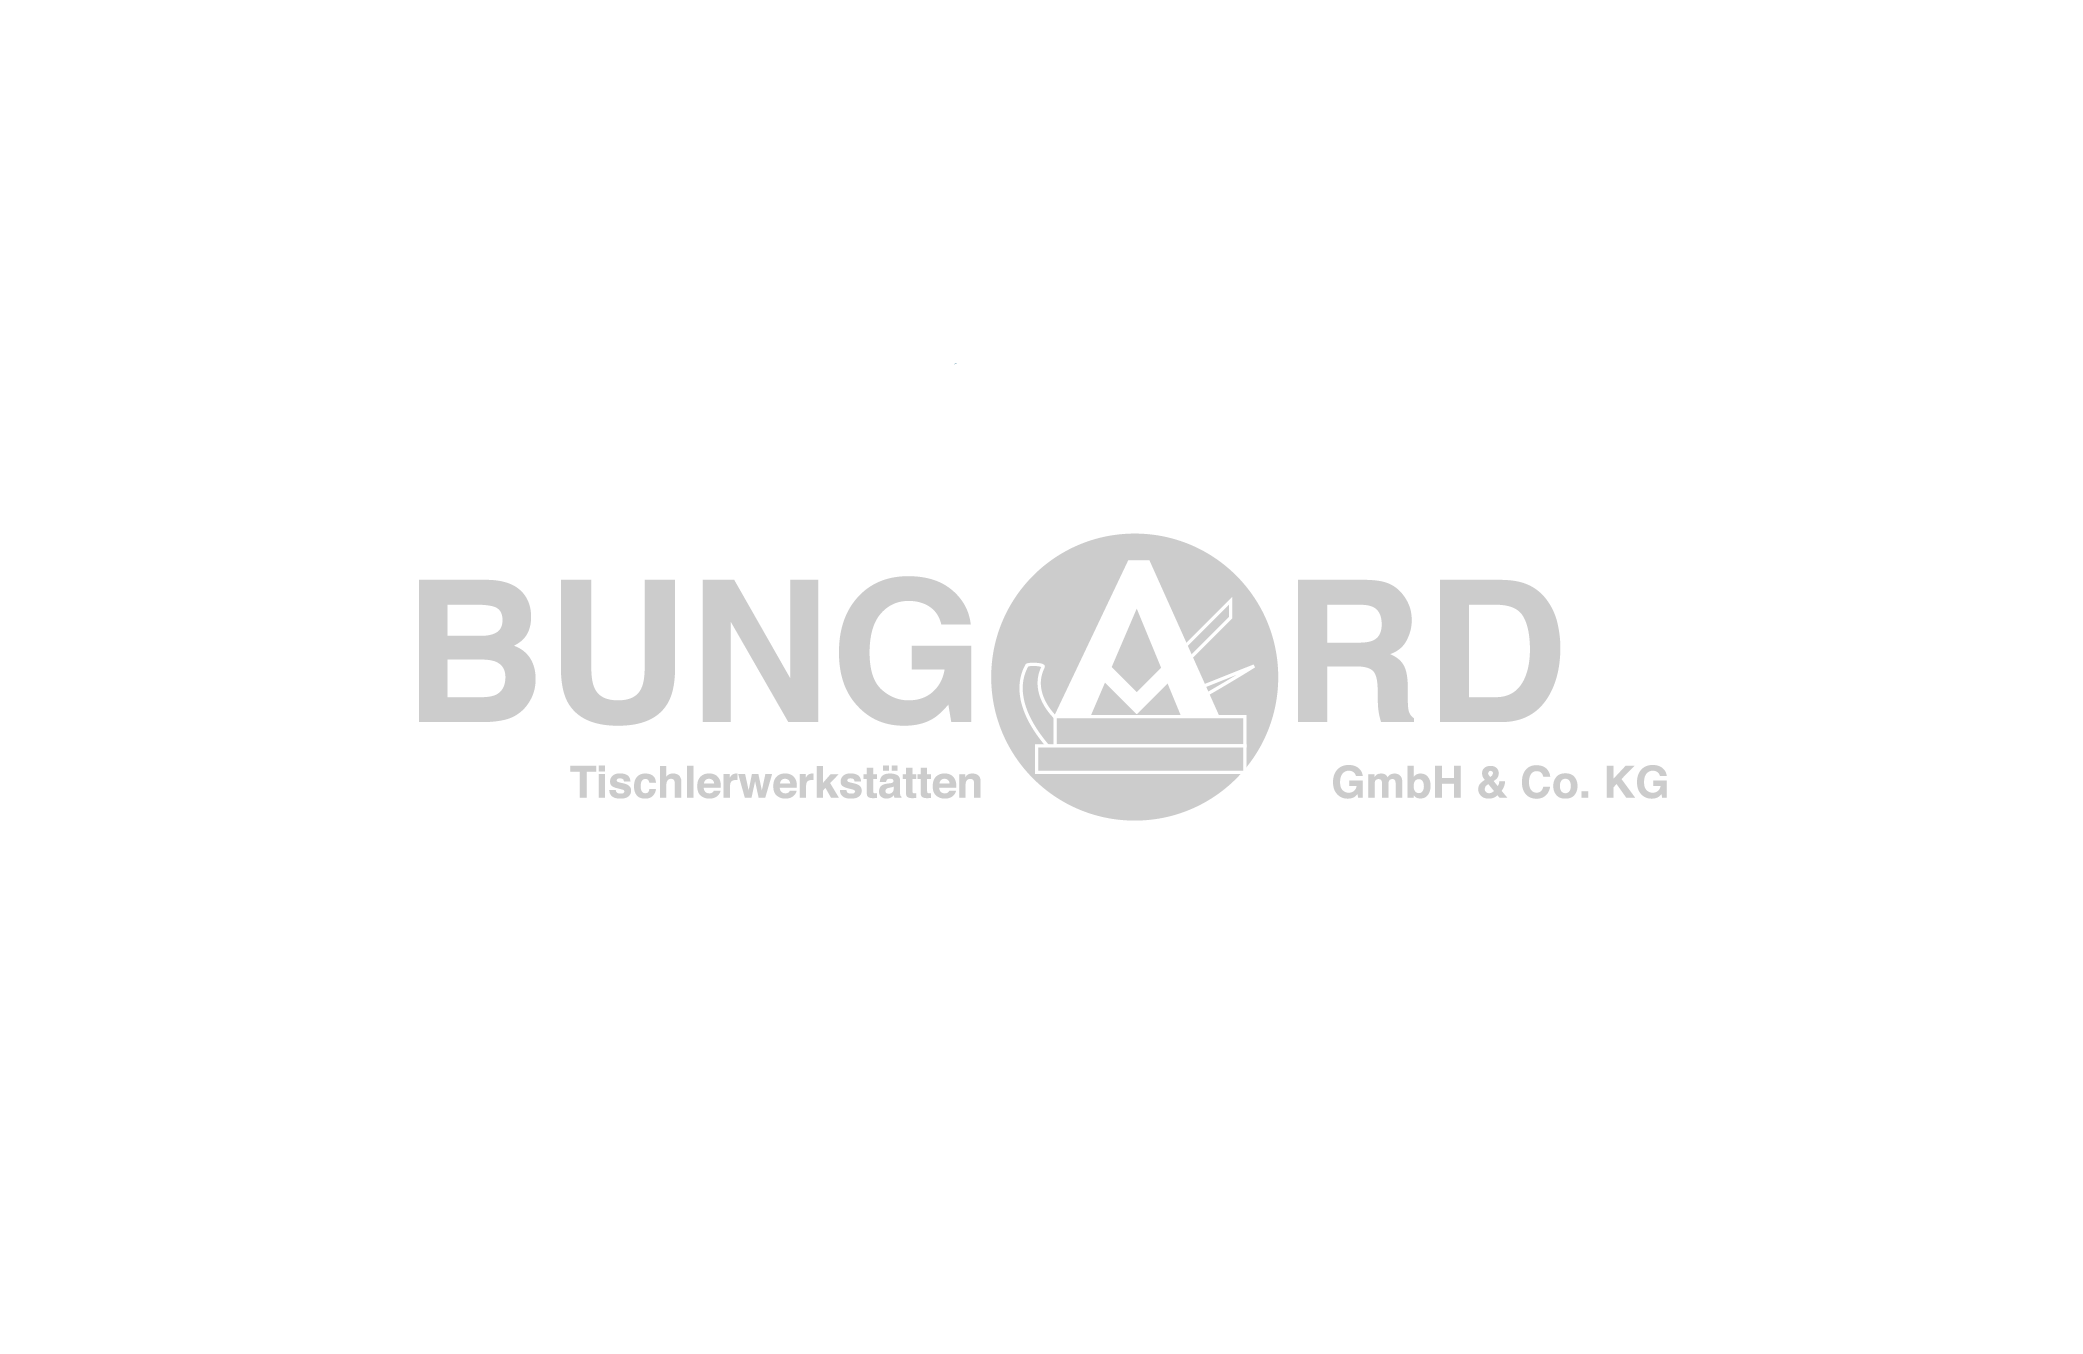 Tischlerwerkstätten Bungard